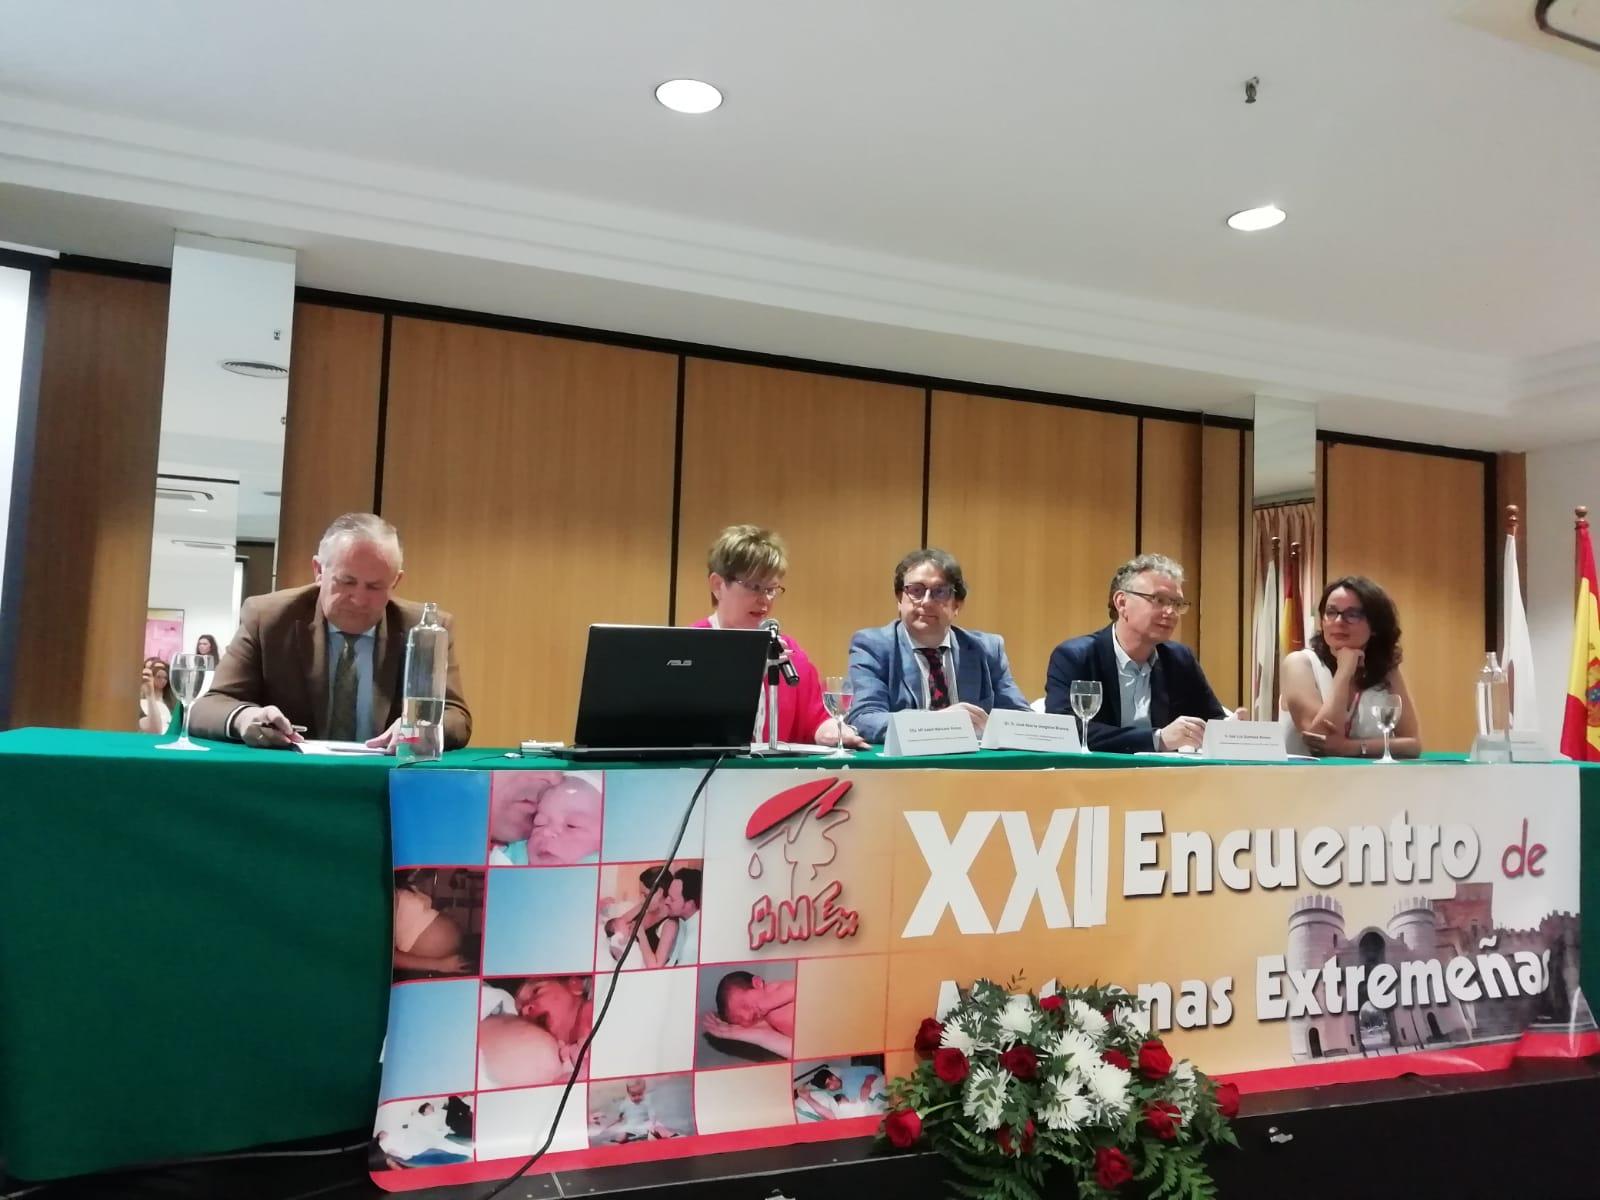 10-ACTO-DE-INAUGURACIÓN-XXII JORNADAS APMEX Don Benito